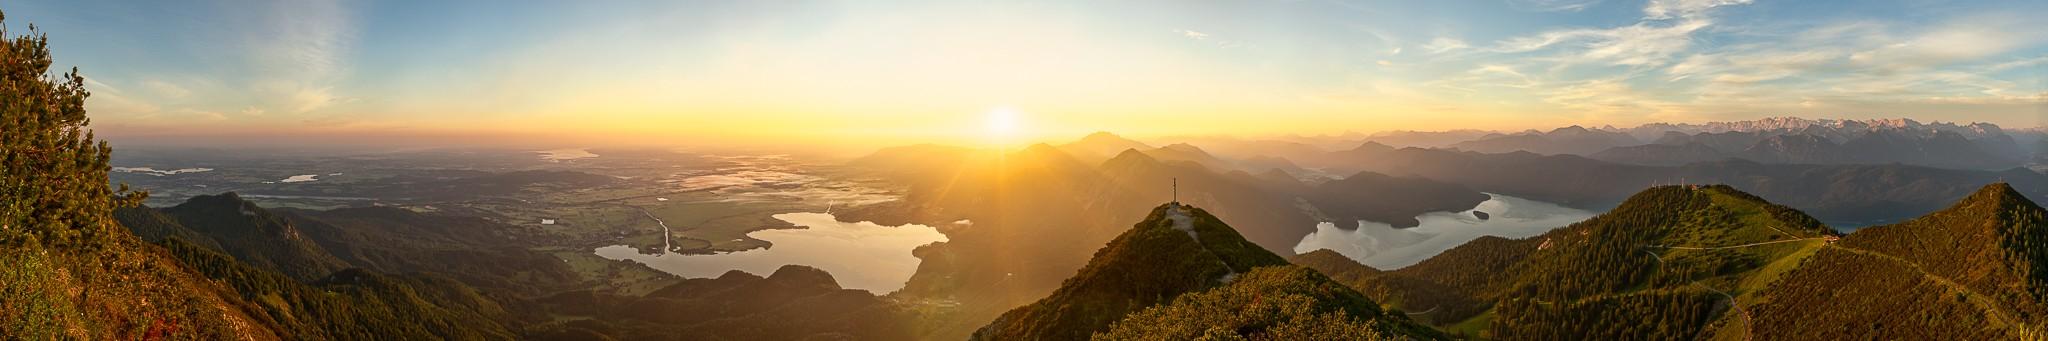 Sonnenaufgang am Herzogstand. Panoramablick vom Staffelsee, Starnberger See, Kochelsee, Jochberg, Benediktenwand, Walchensee bis zur Westlichen Karwendelspitze.